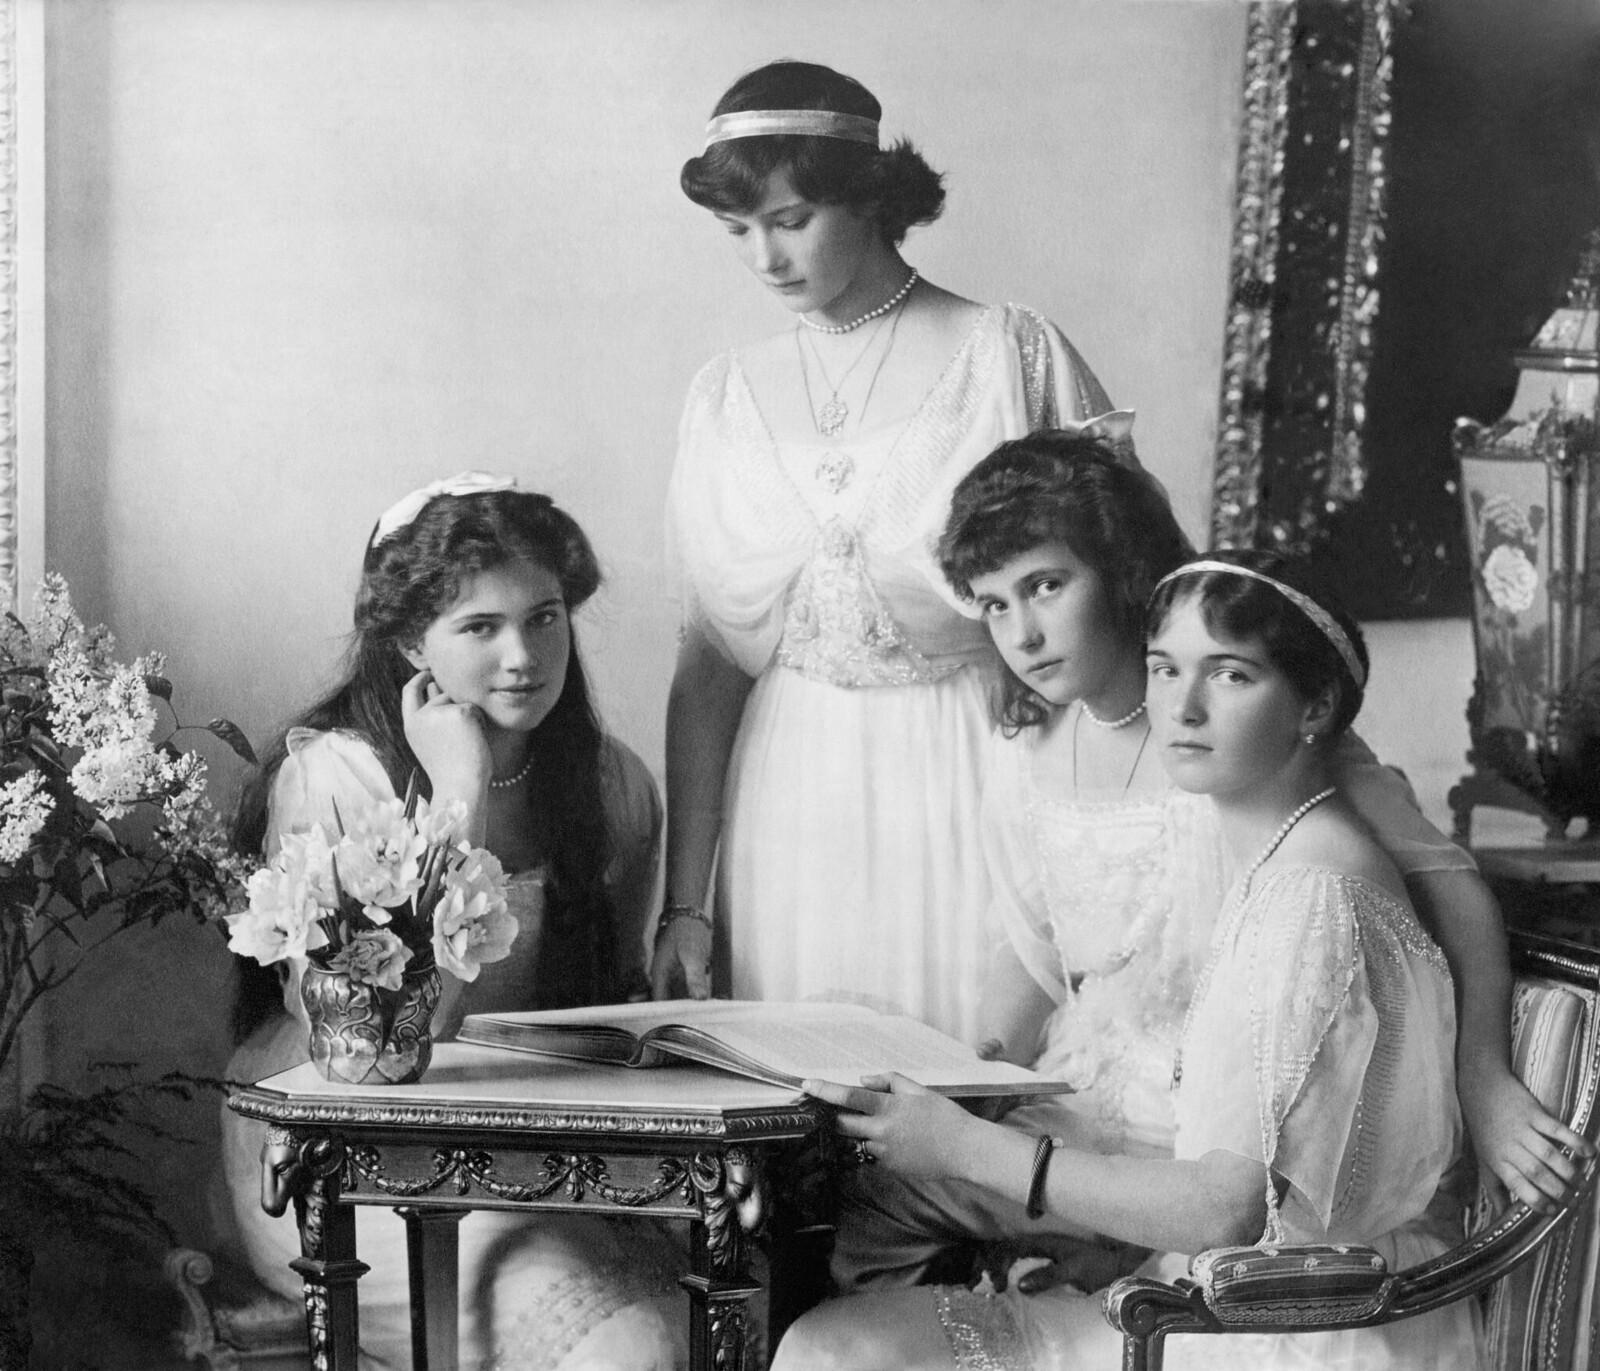 1910-е. Дочери царя Николая II, в том числе Мария Татьяна, Анастасия и Ольга